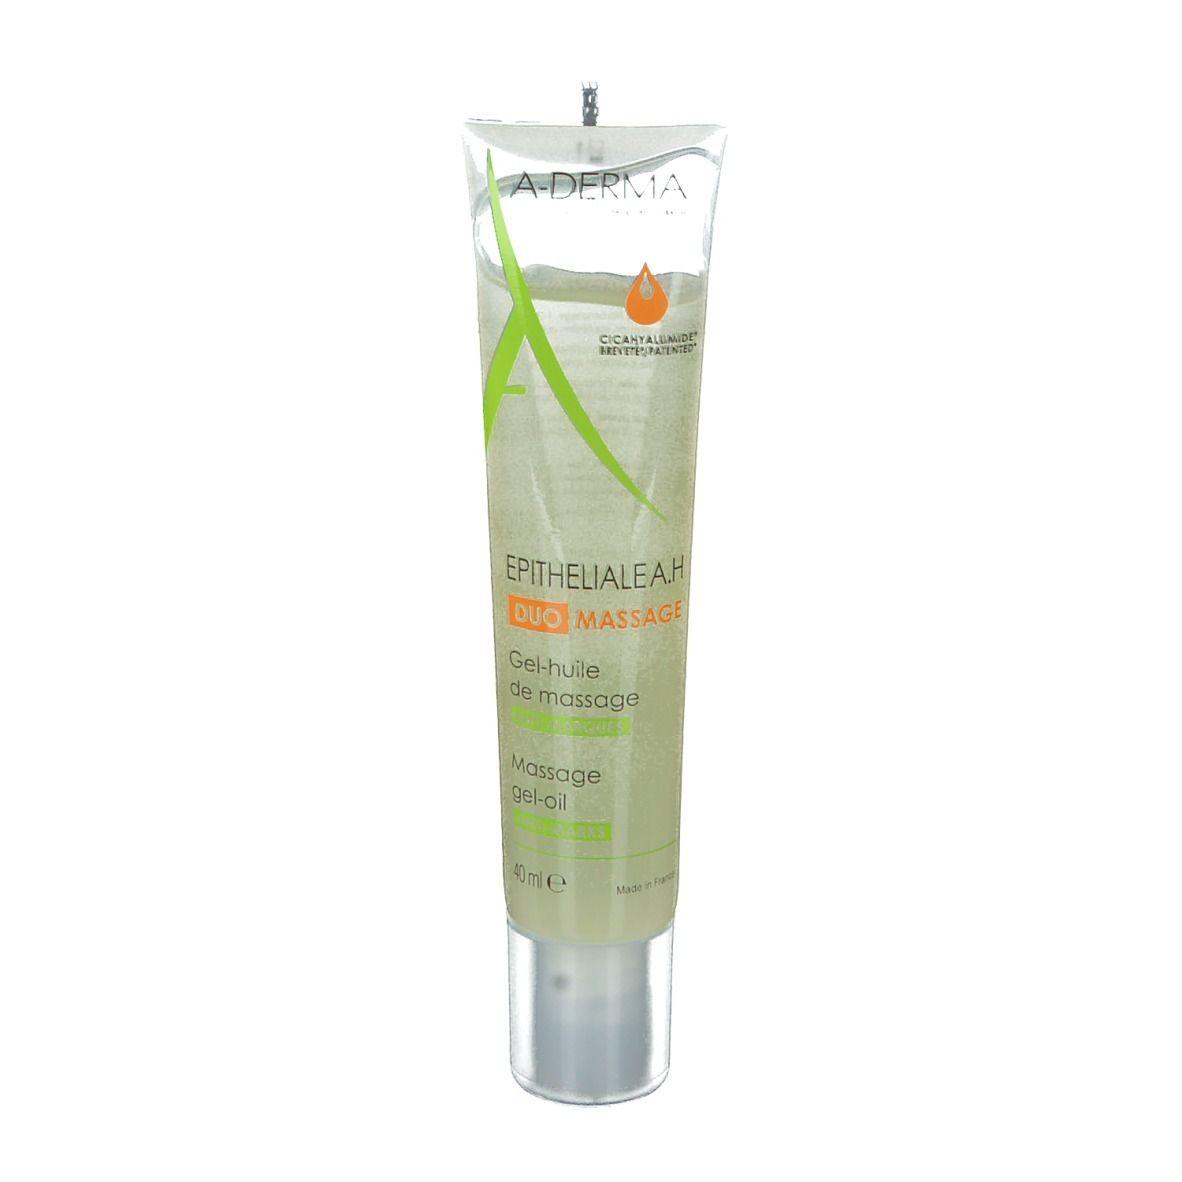 A-Derma Epitheliale A.H Duo Gel-huile de massage